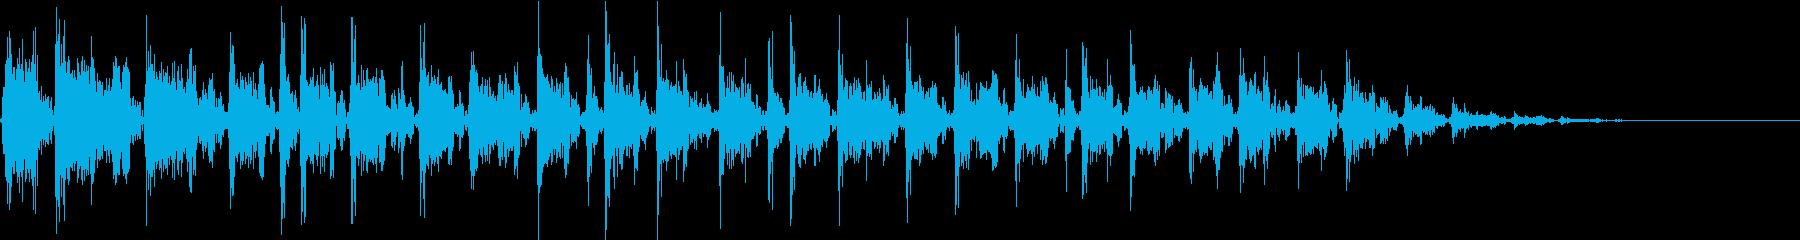 【効果音】壊れたモーター#1の再生済みの波形